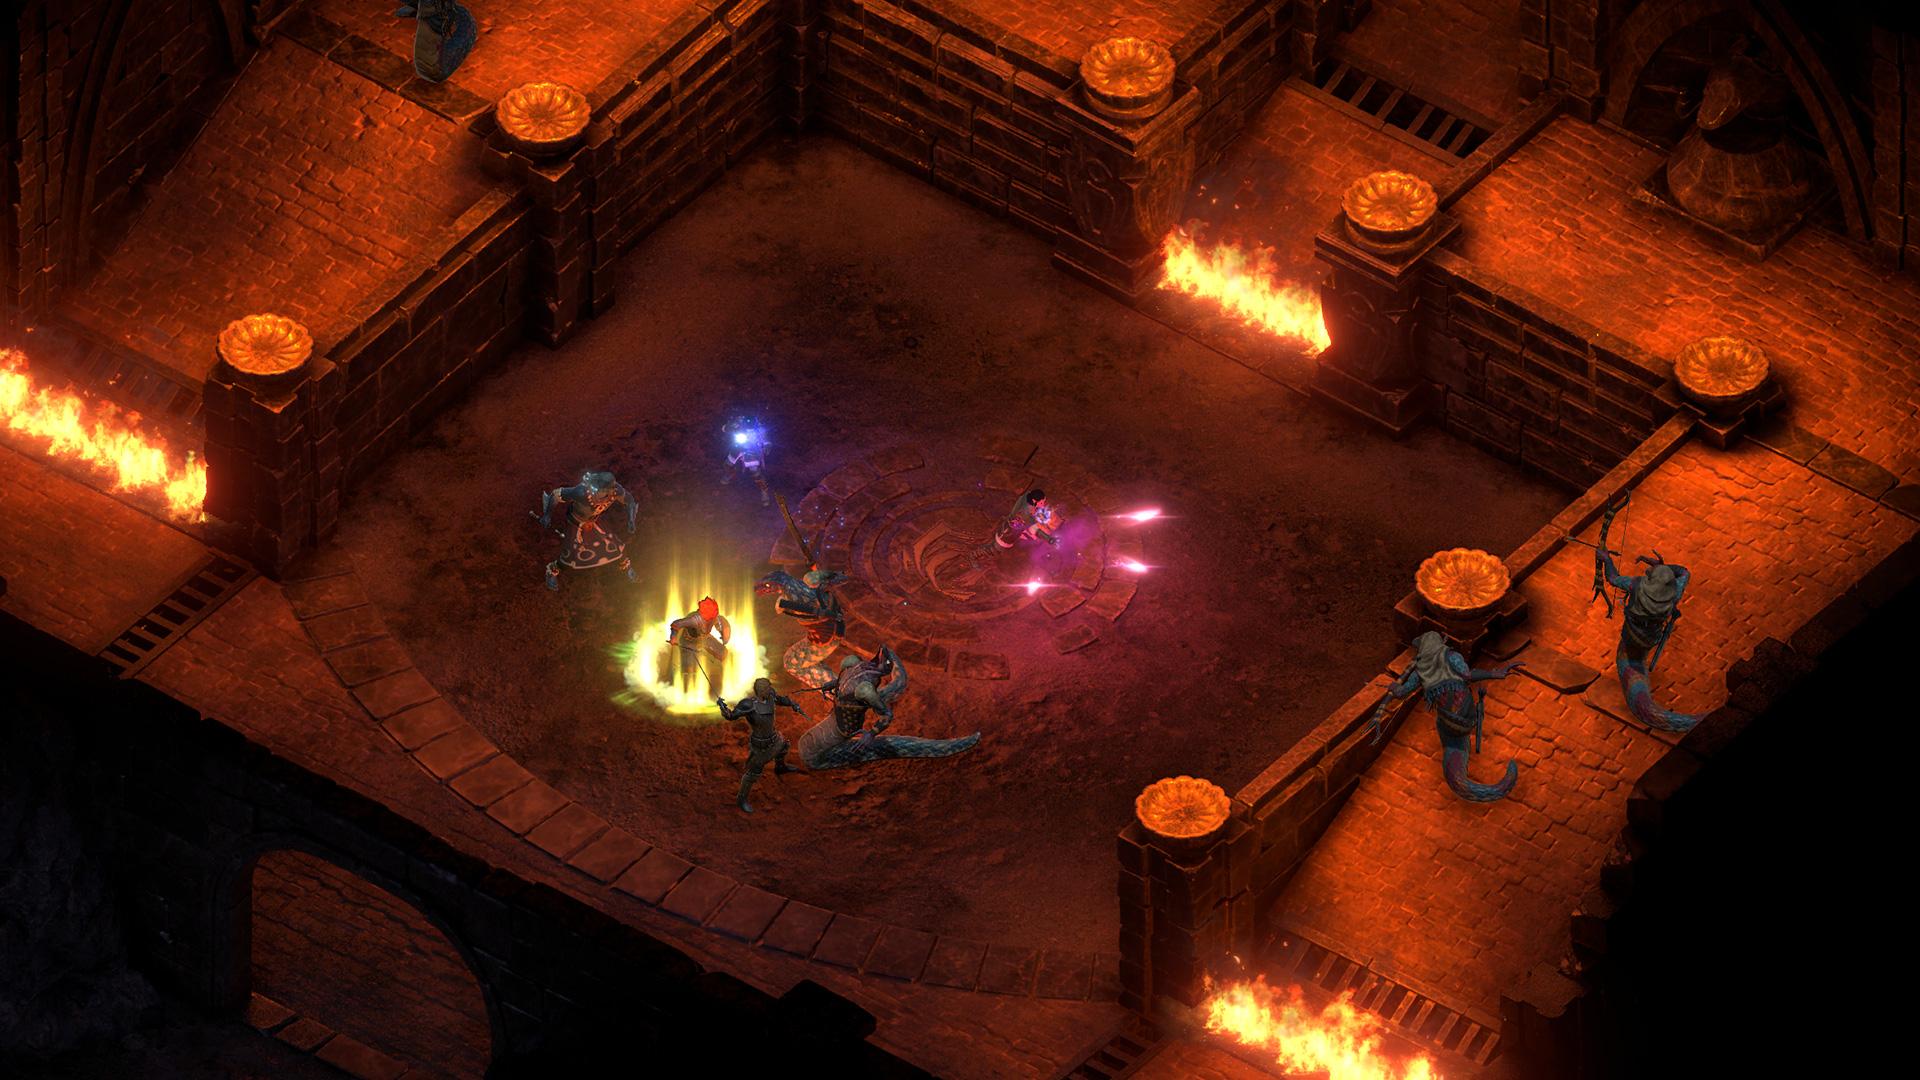 [永恒之柱2:死亡之火|Pillars of Eternity II:Deadfire|中文汉化黑曜石版